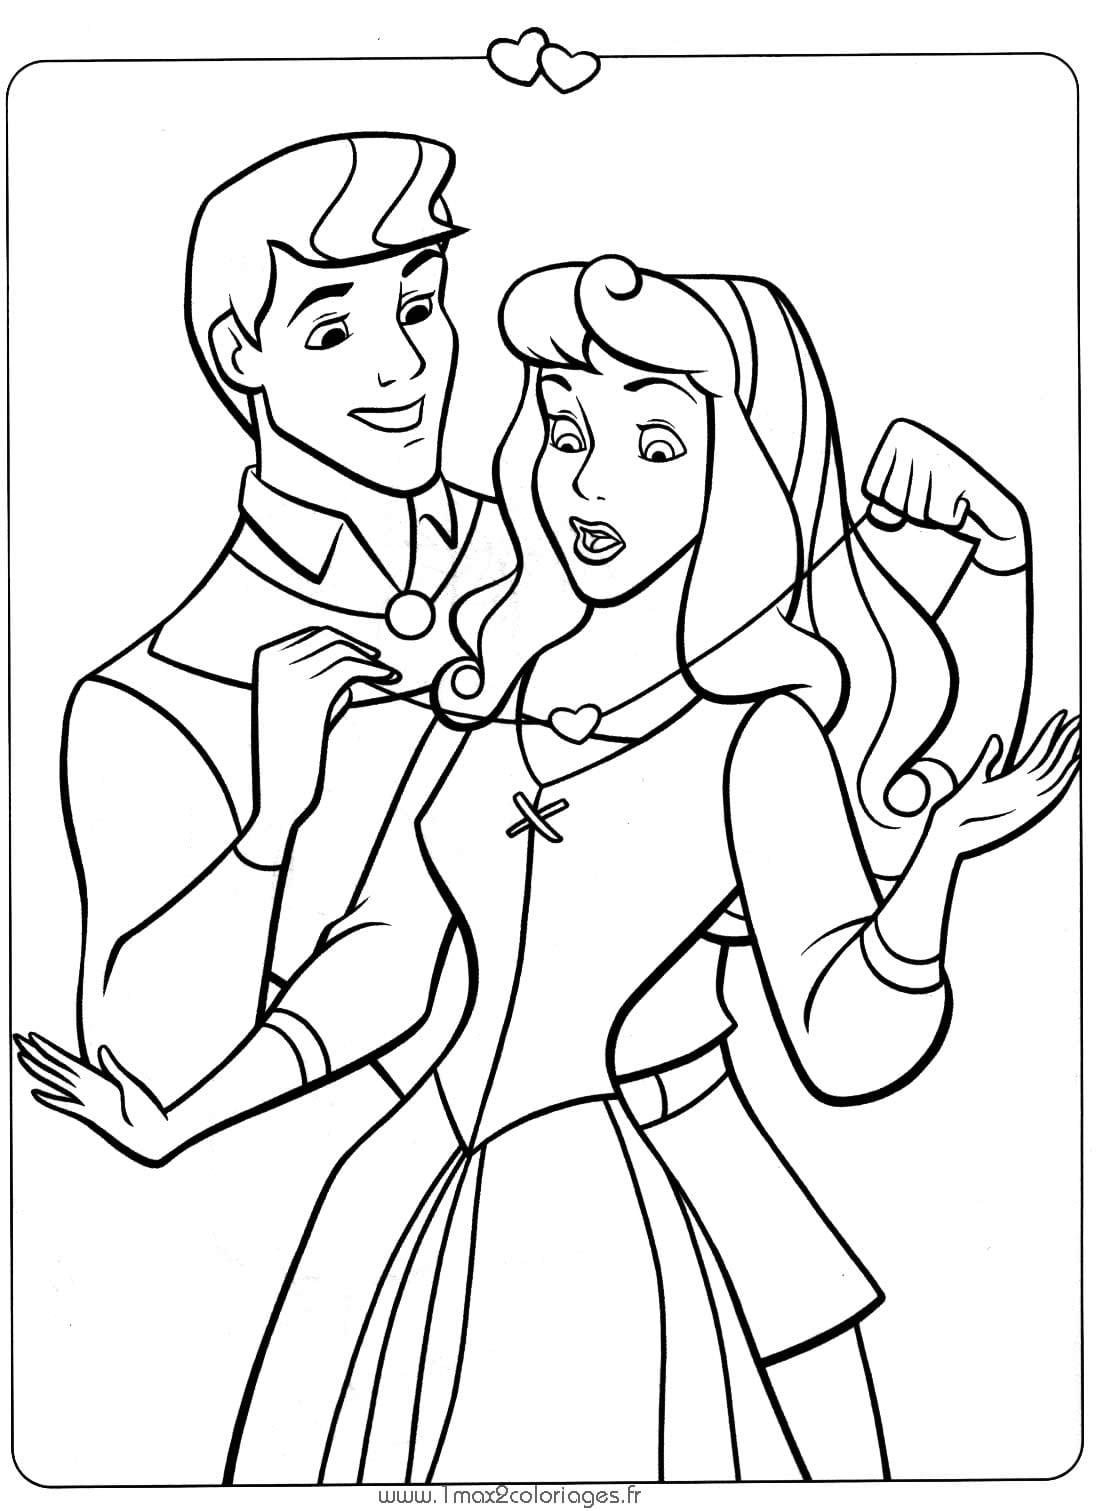 Desenhos Para Imprimir, Colorir E Pintar Princesas Disney